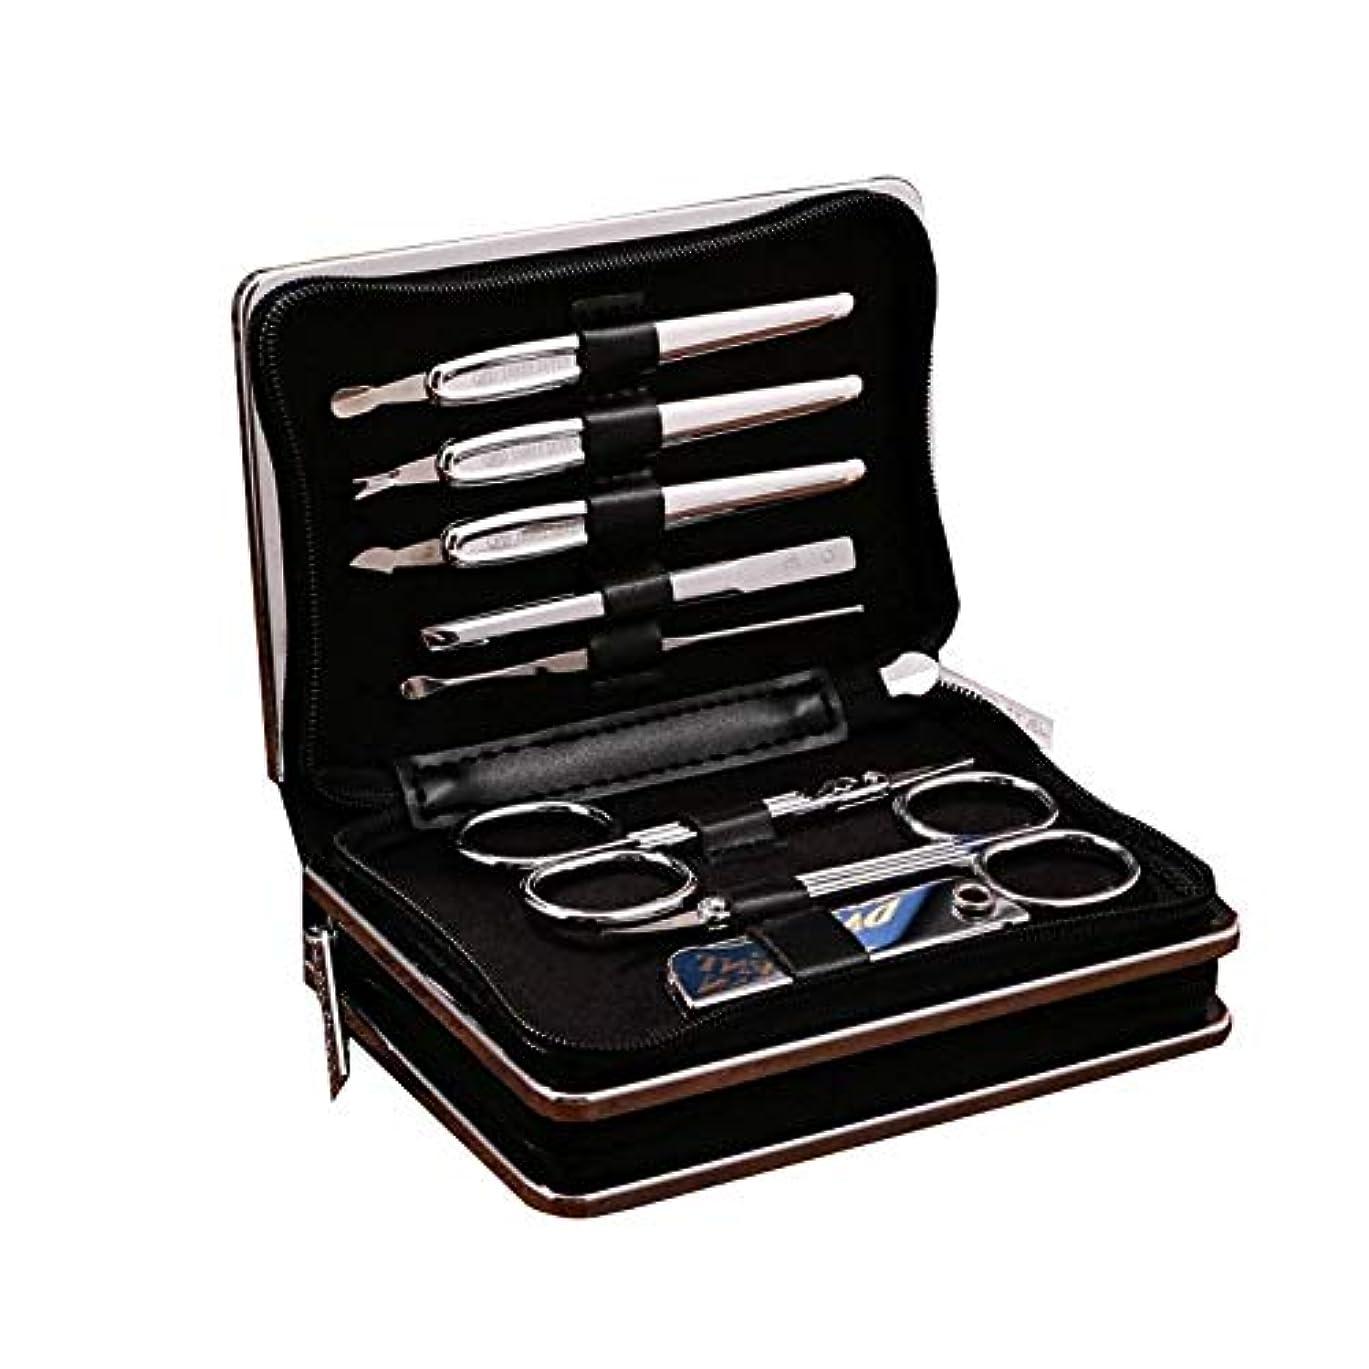 シーン月ハーフZGSH マニキュアツールセットの14セット、毎日のニーズを満たすために完全に機能 (Color : Silver)